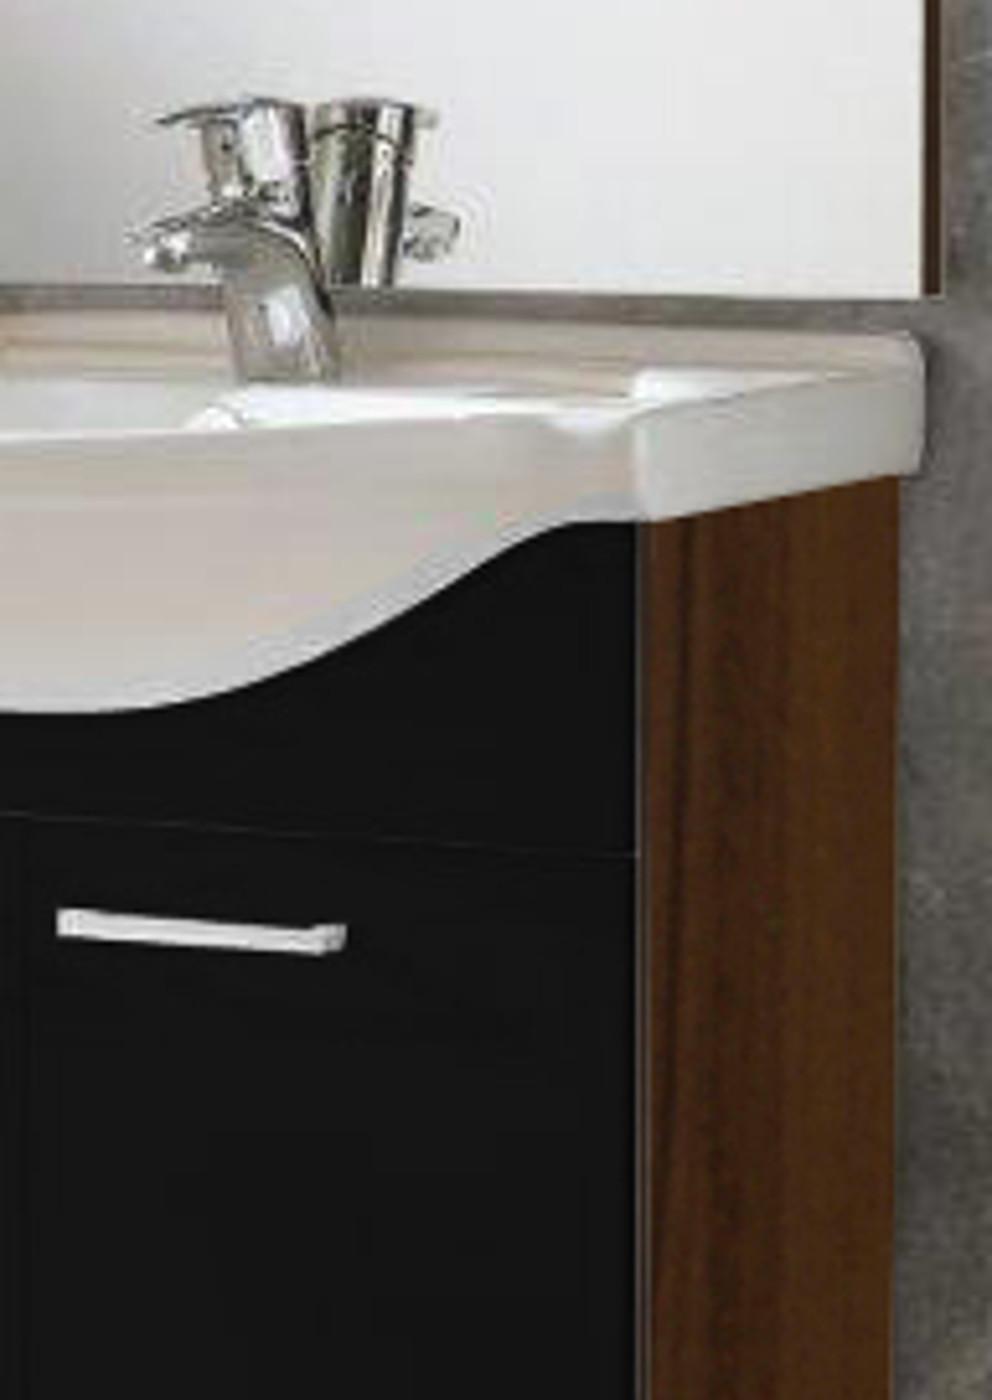 Waschplatz Inkl Keramikbecken Und Beleuchtung